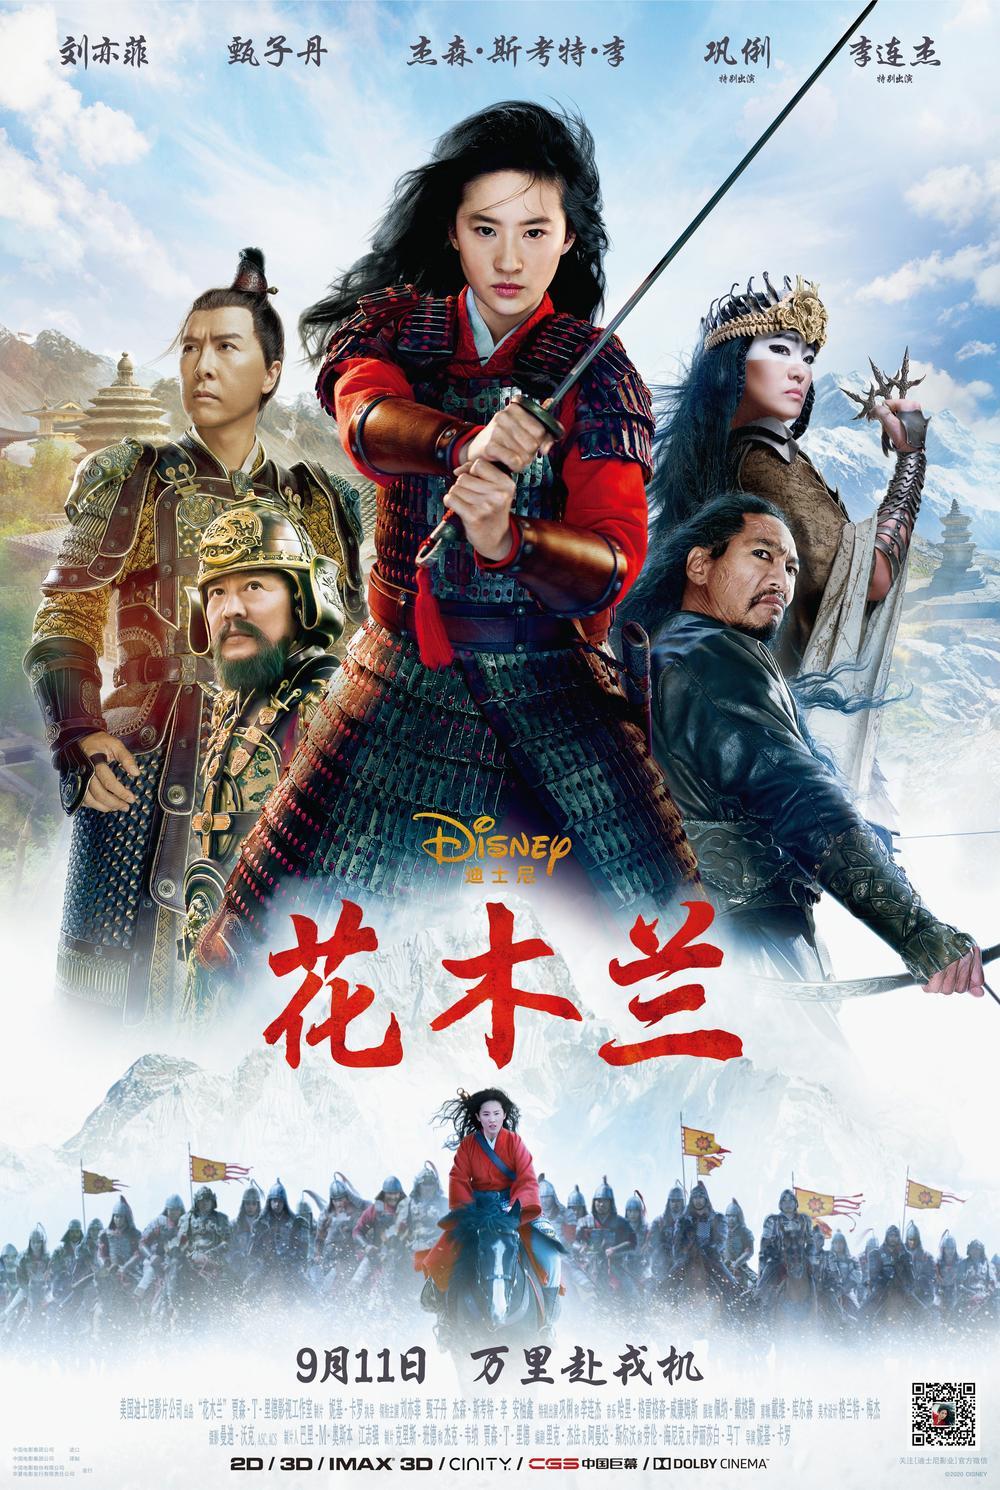 《花木兰》上映7天 国内票房现已突破2亿元人民币